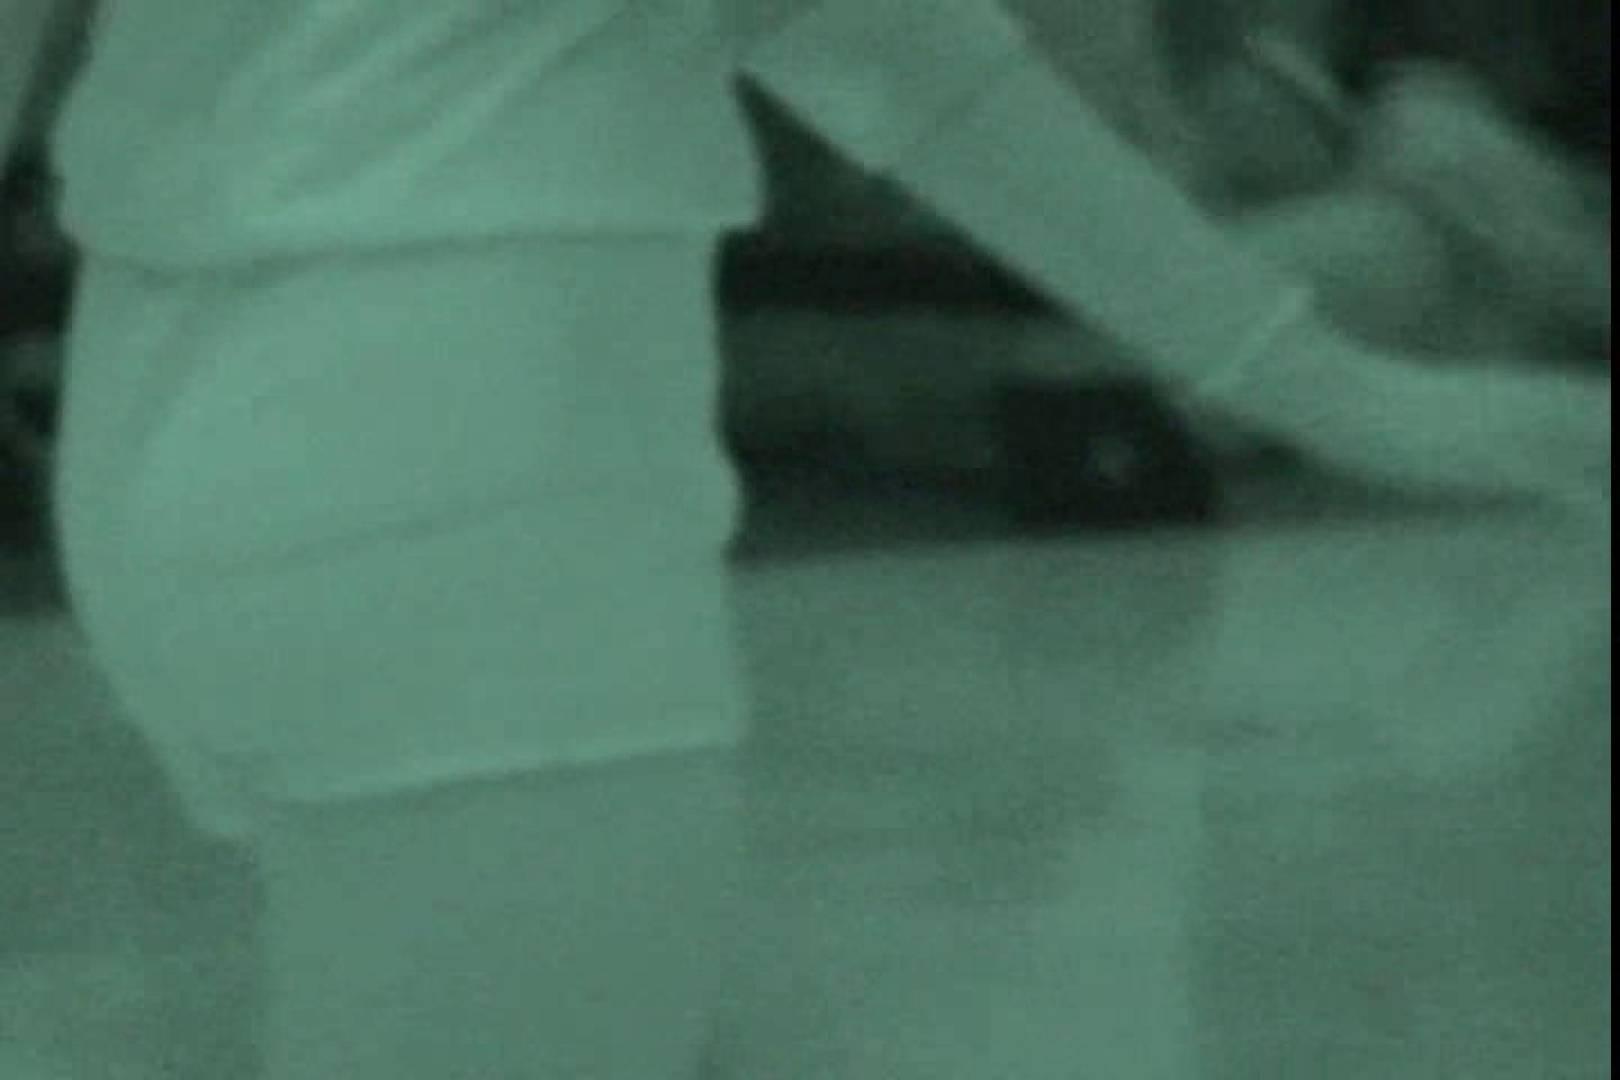 赤外線ムレスケバレー(汗) vol.04 OLのエロ生活 性交動画流出 99連発 80